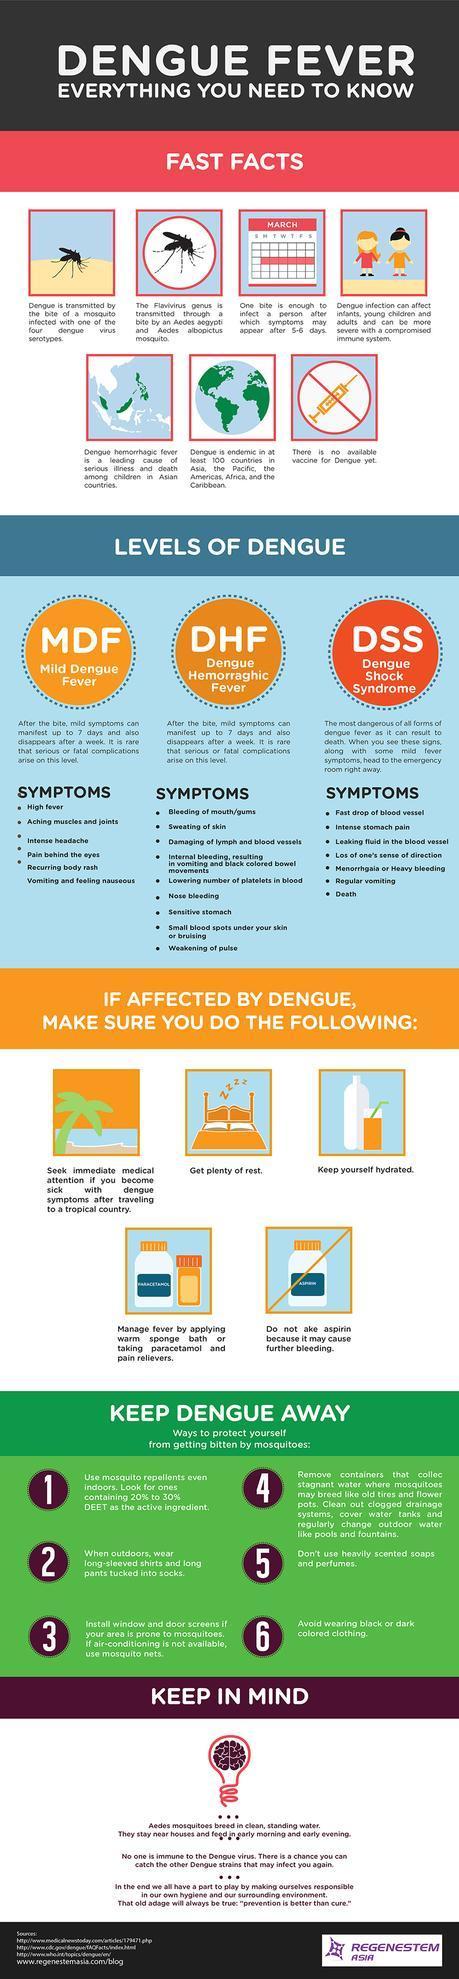 Be Prepared Against Dengue